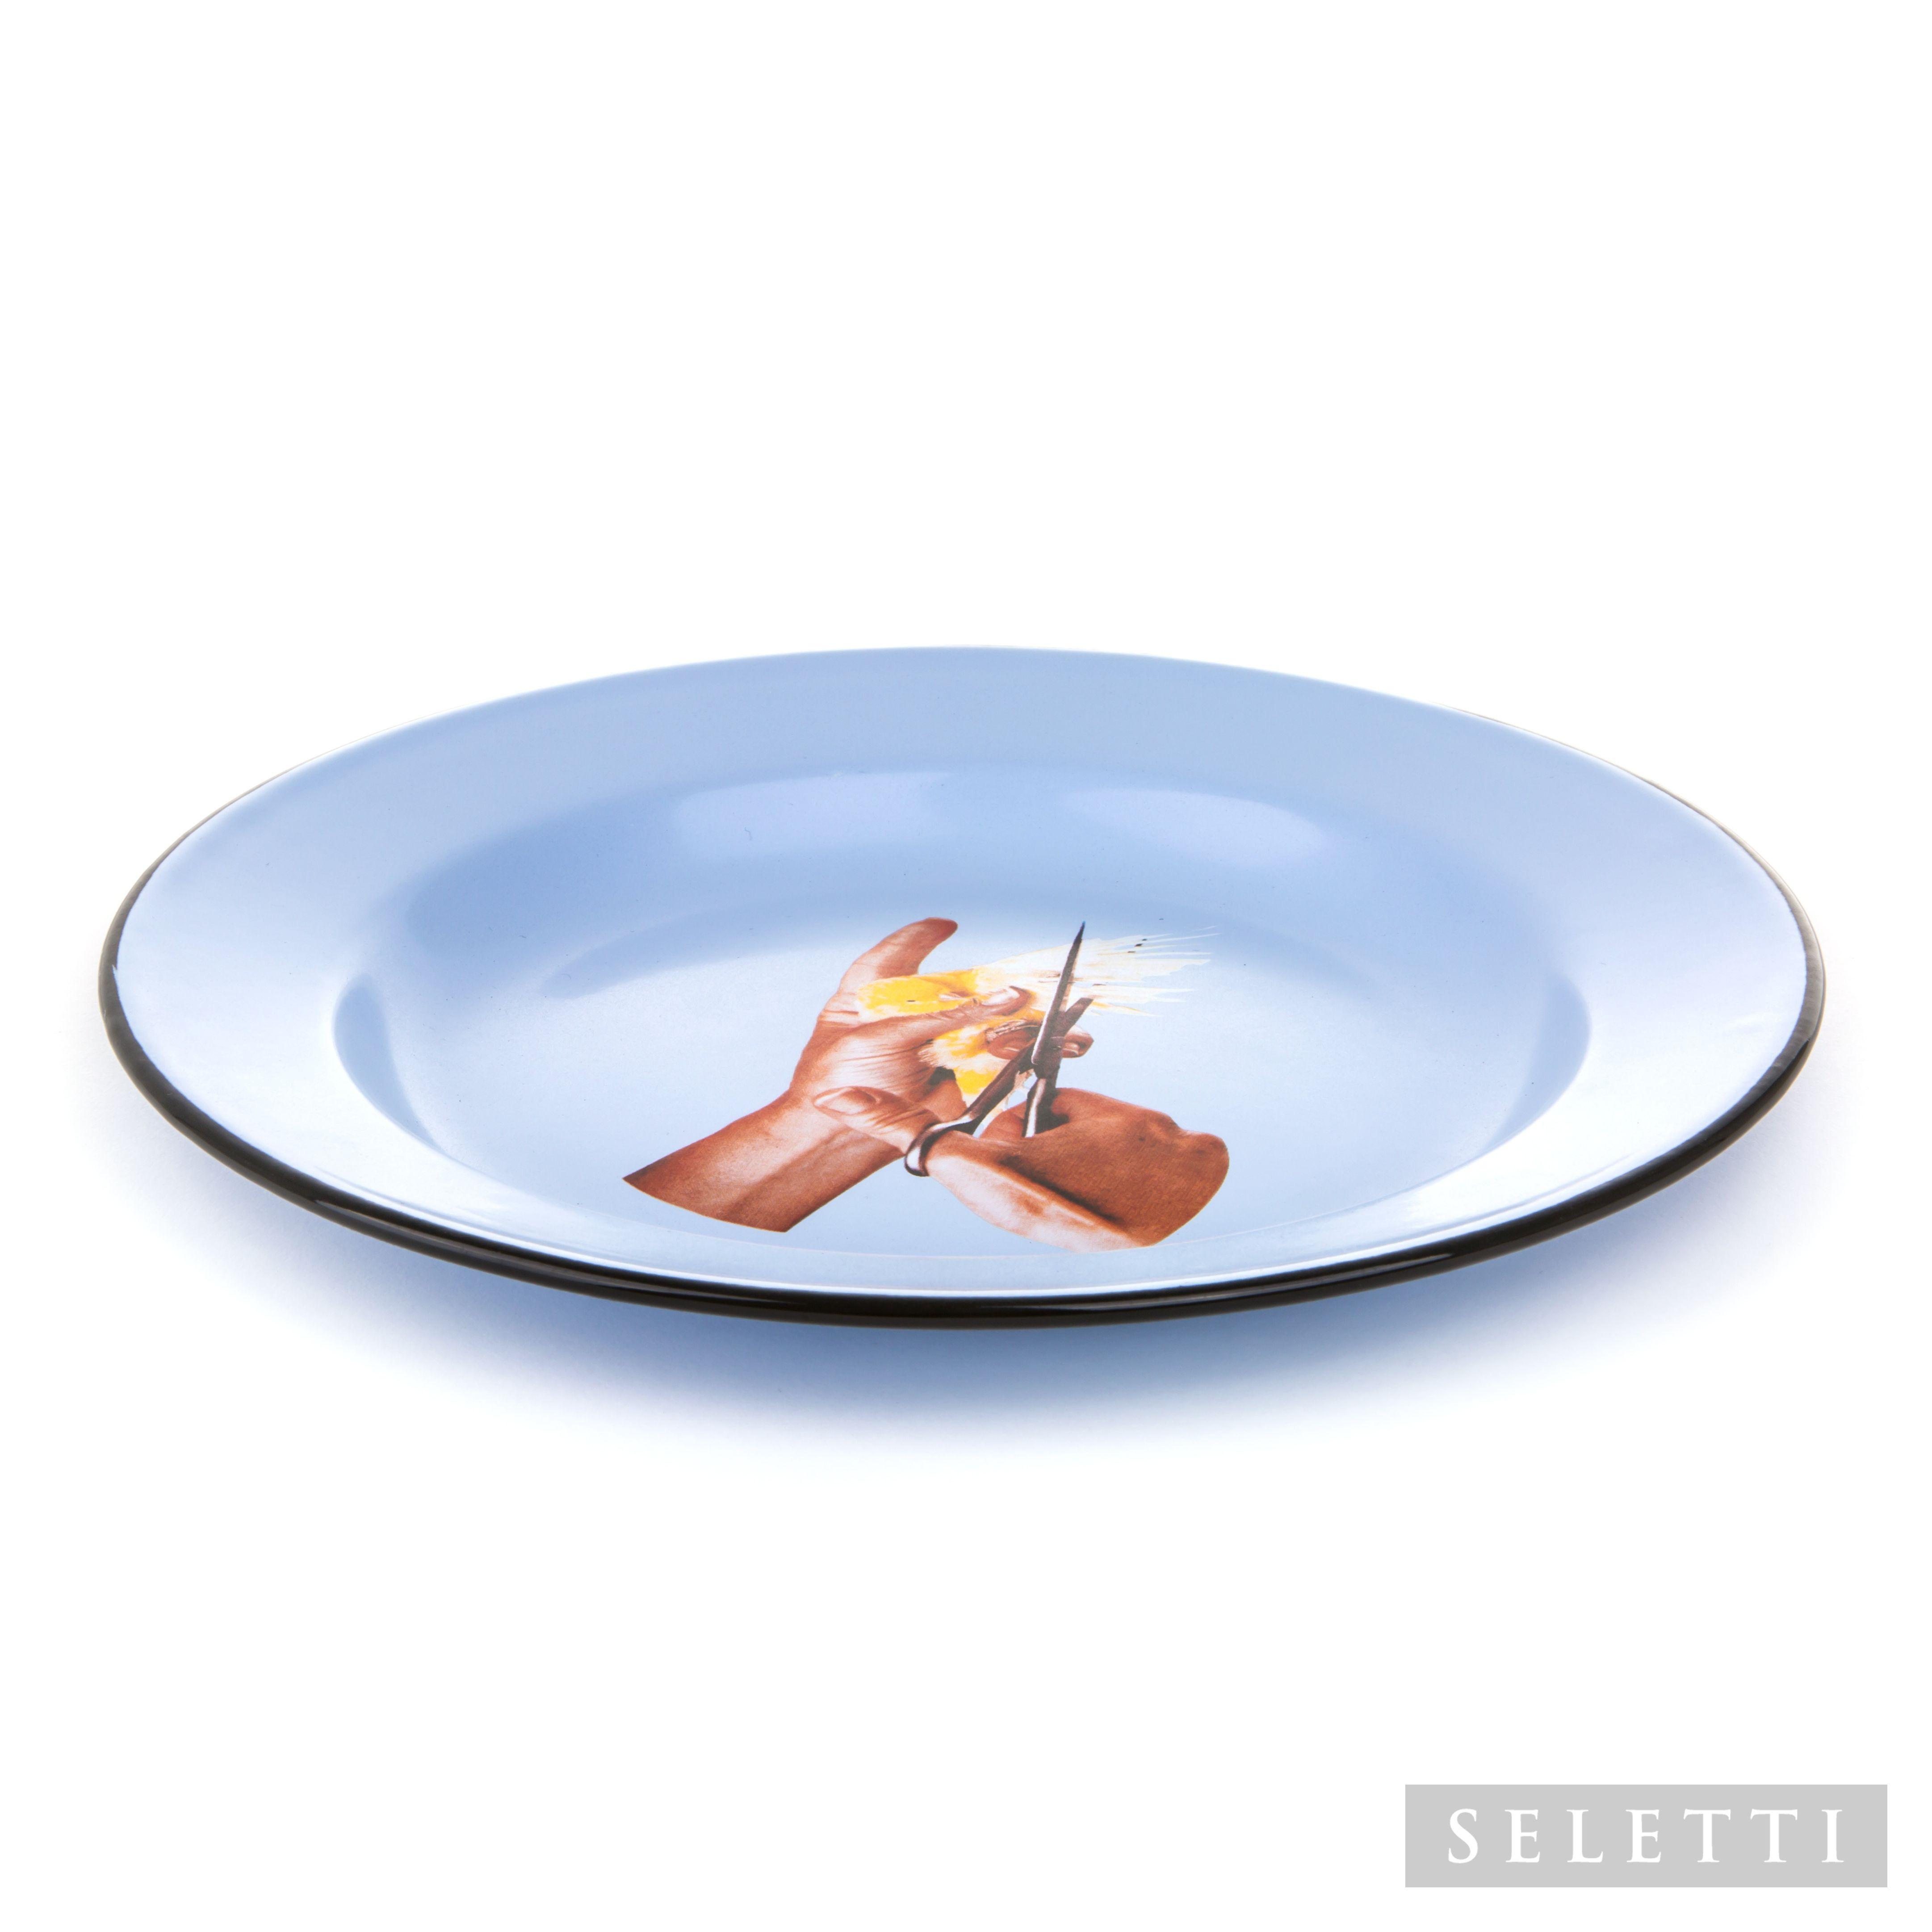 Seletti | Dish | 16840UCCELLINO